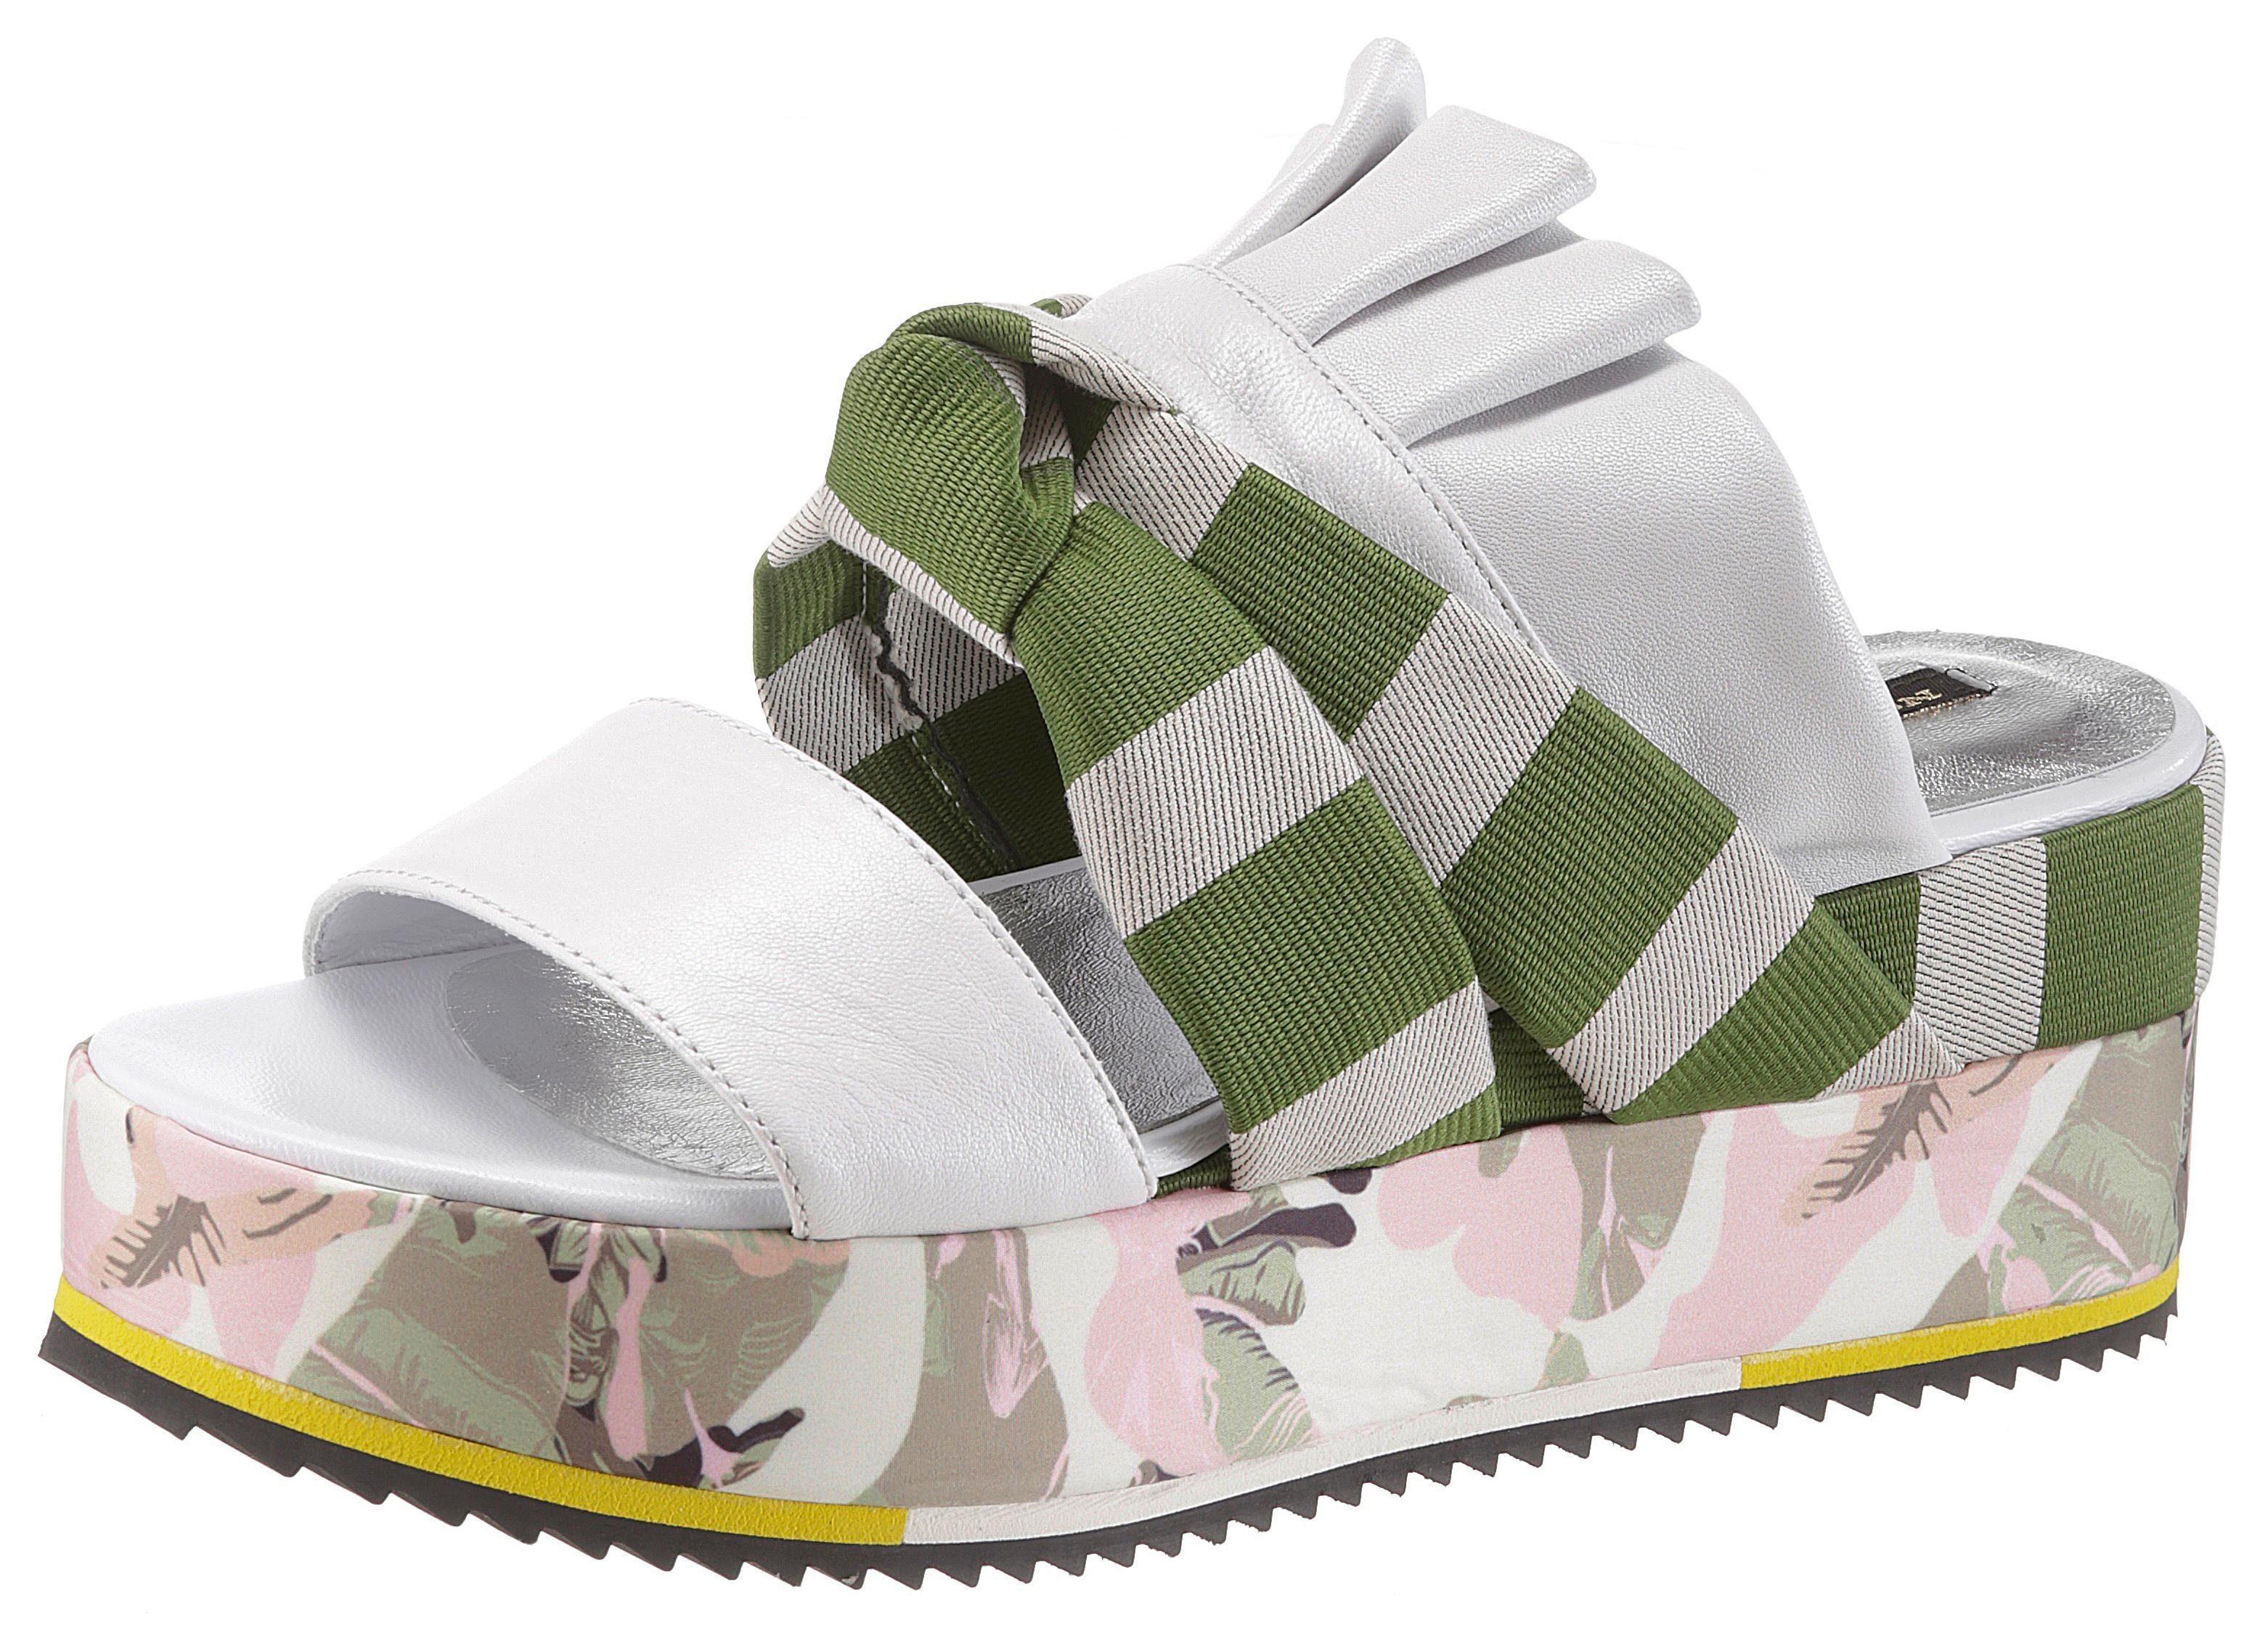 NOCLAIM Pantolette, im sommerlichen Design, weiß, EURO-Größen, weiß-grün-bunt